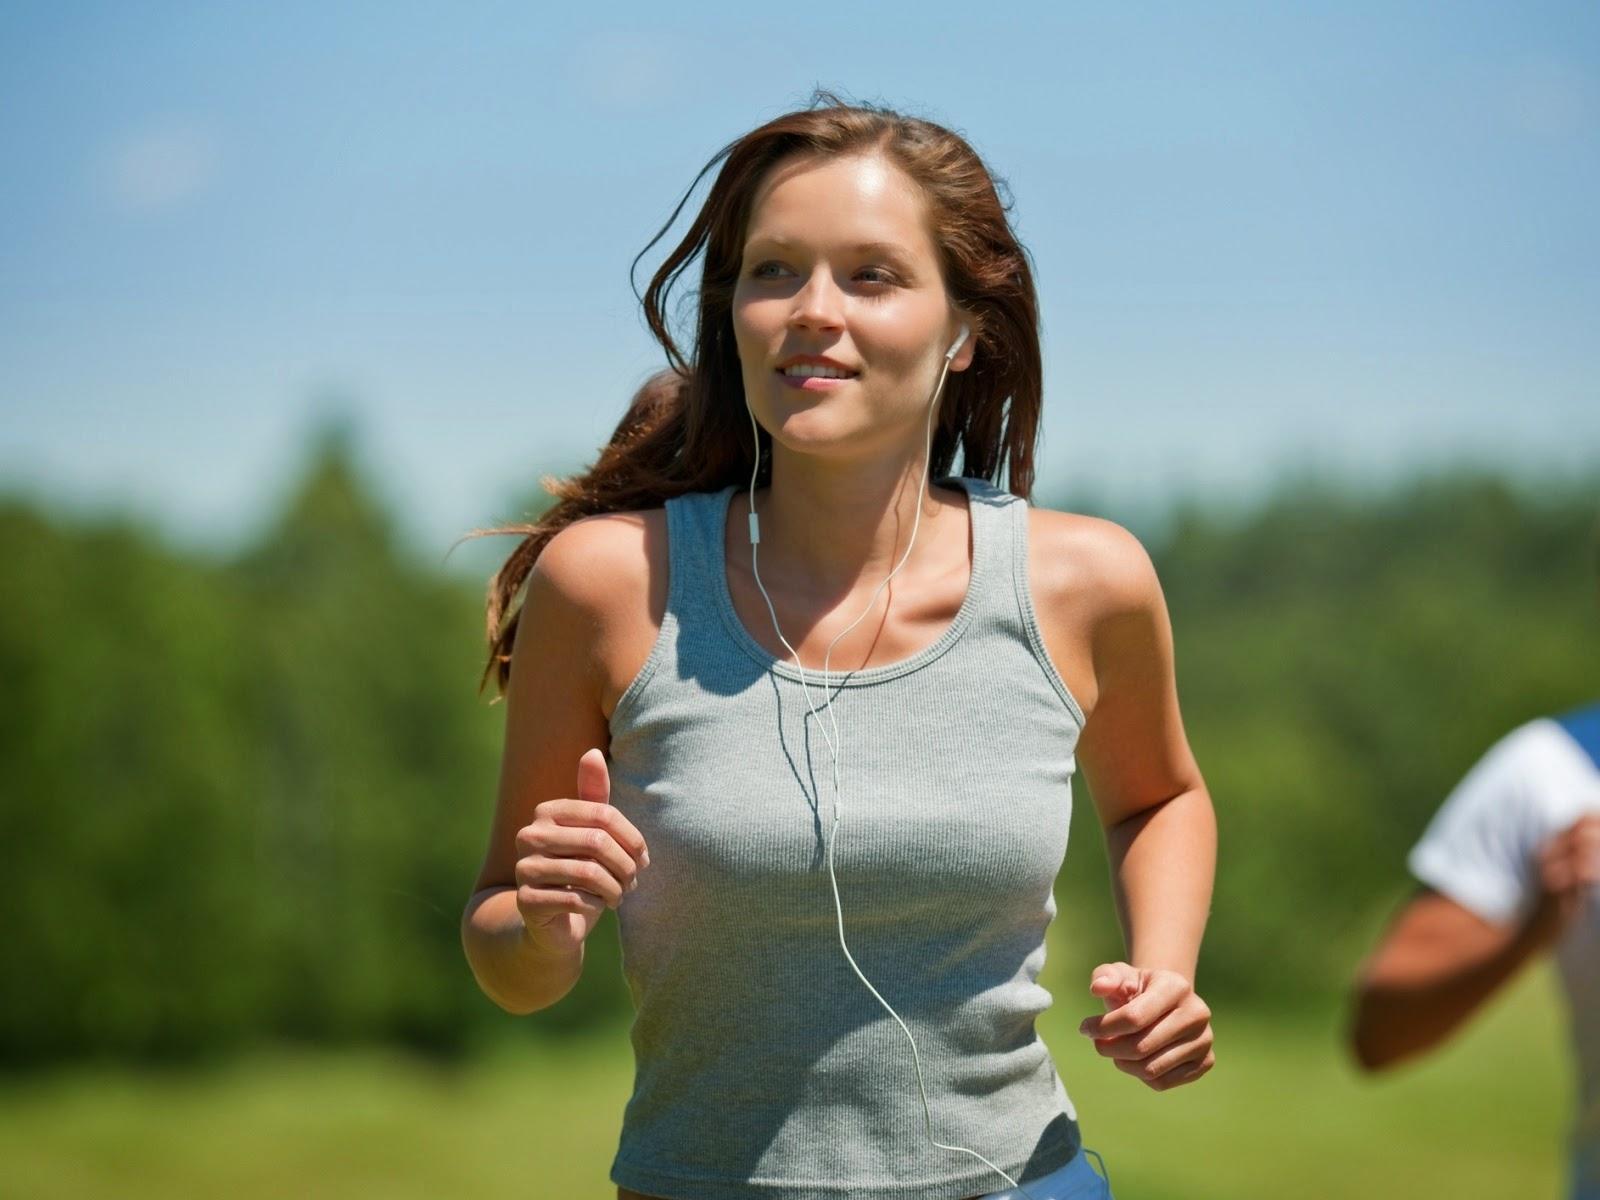 Cara Diet Sehat Melangsingkan Tubuh Secara Alami